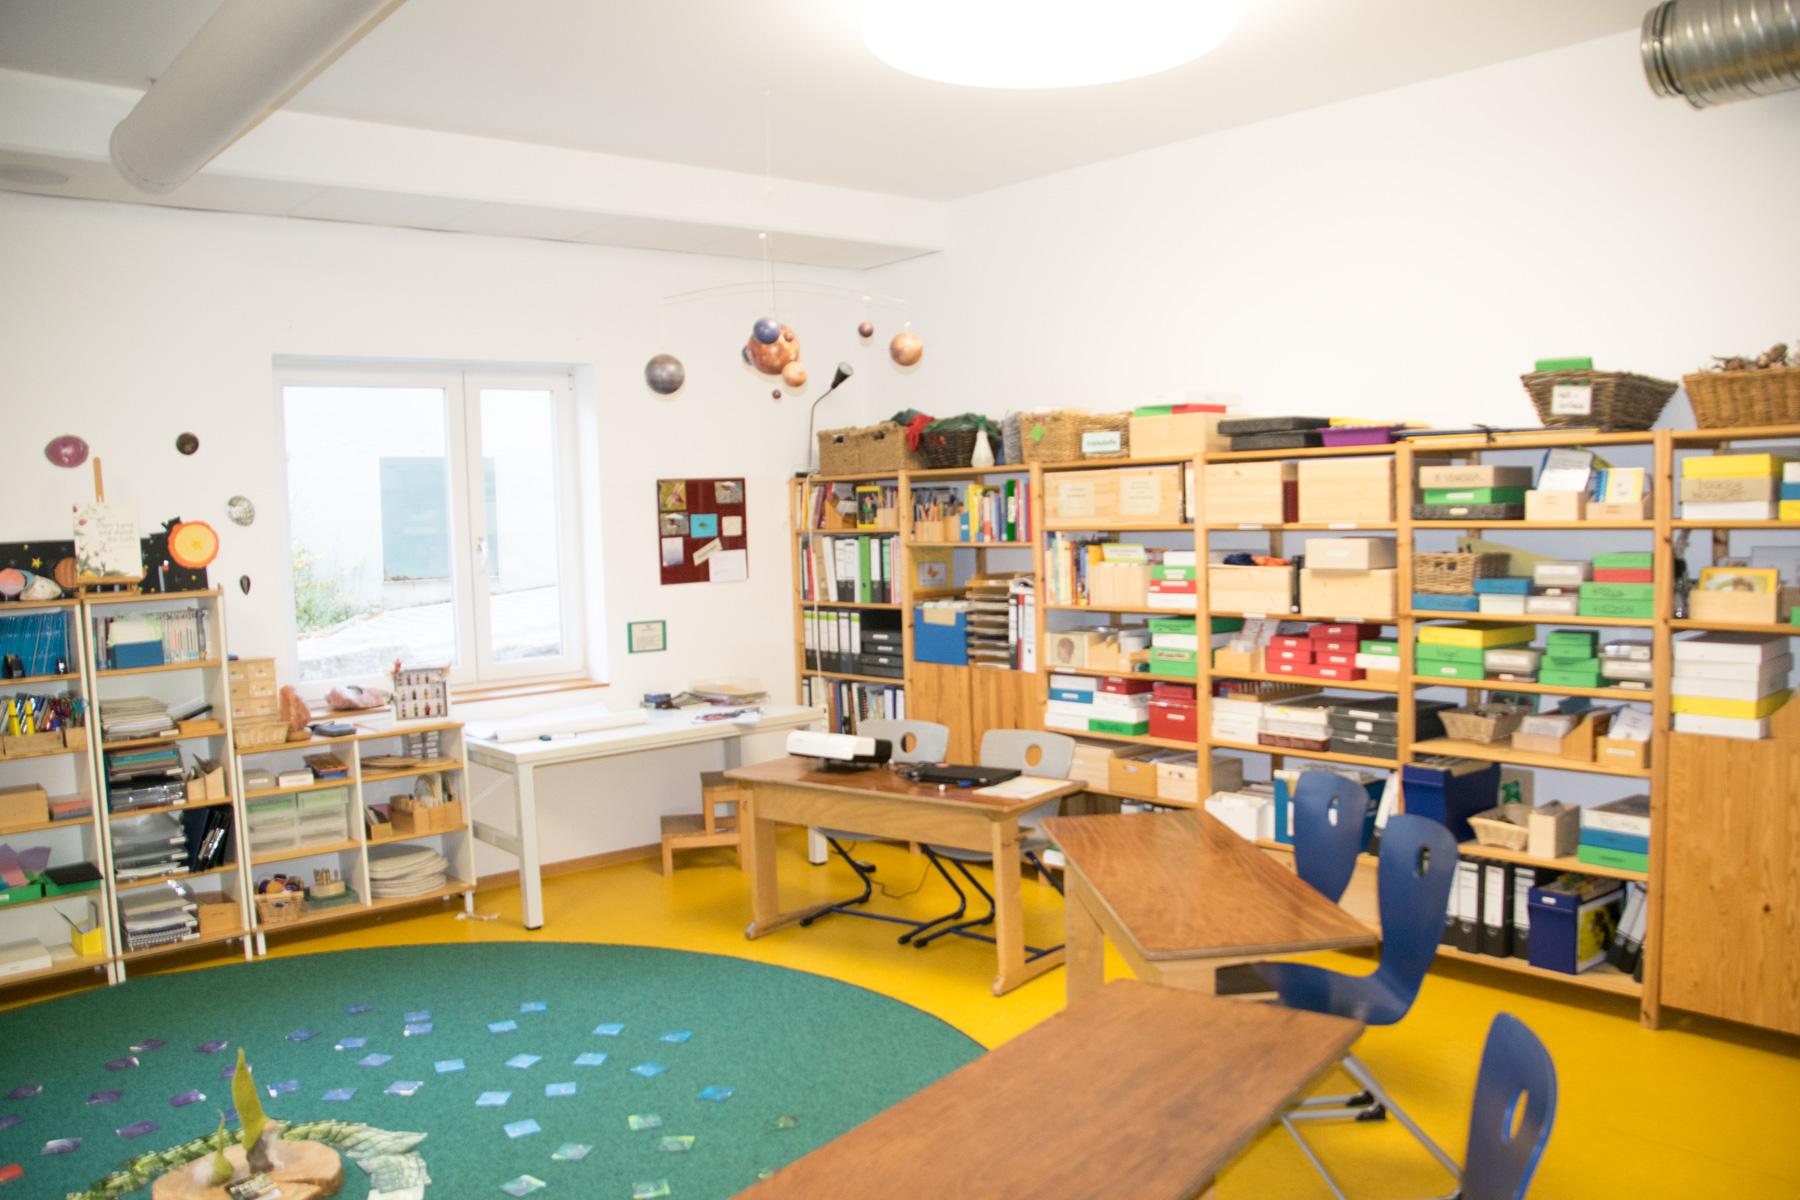 Gruppenraum mit Montessori-Entwicklungsmaterial